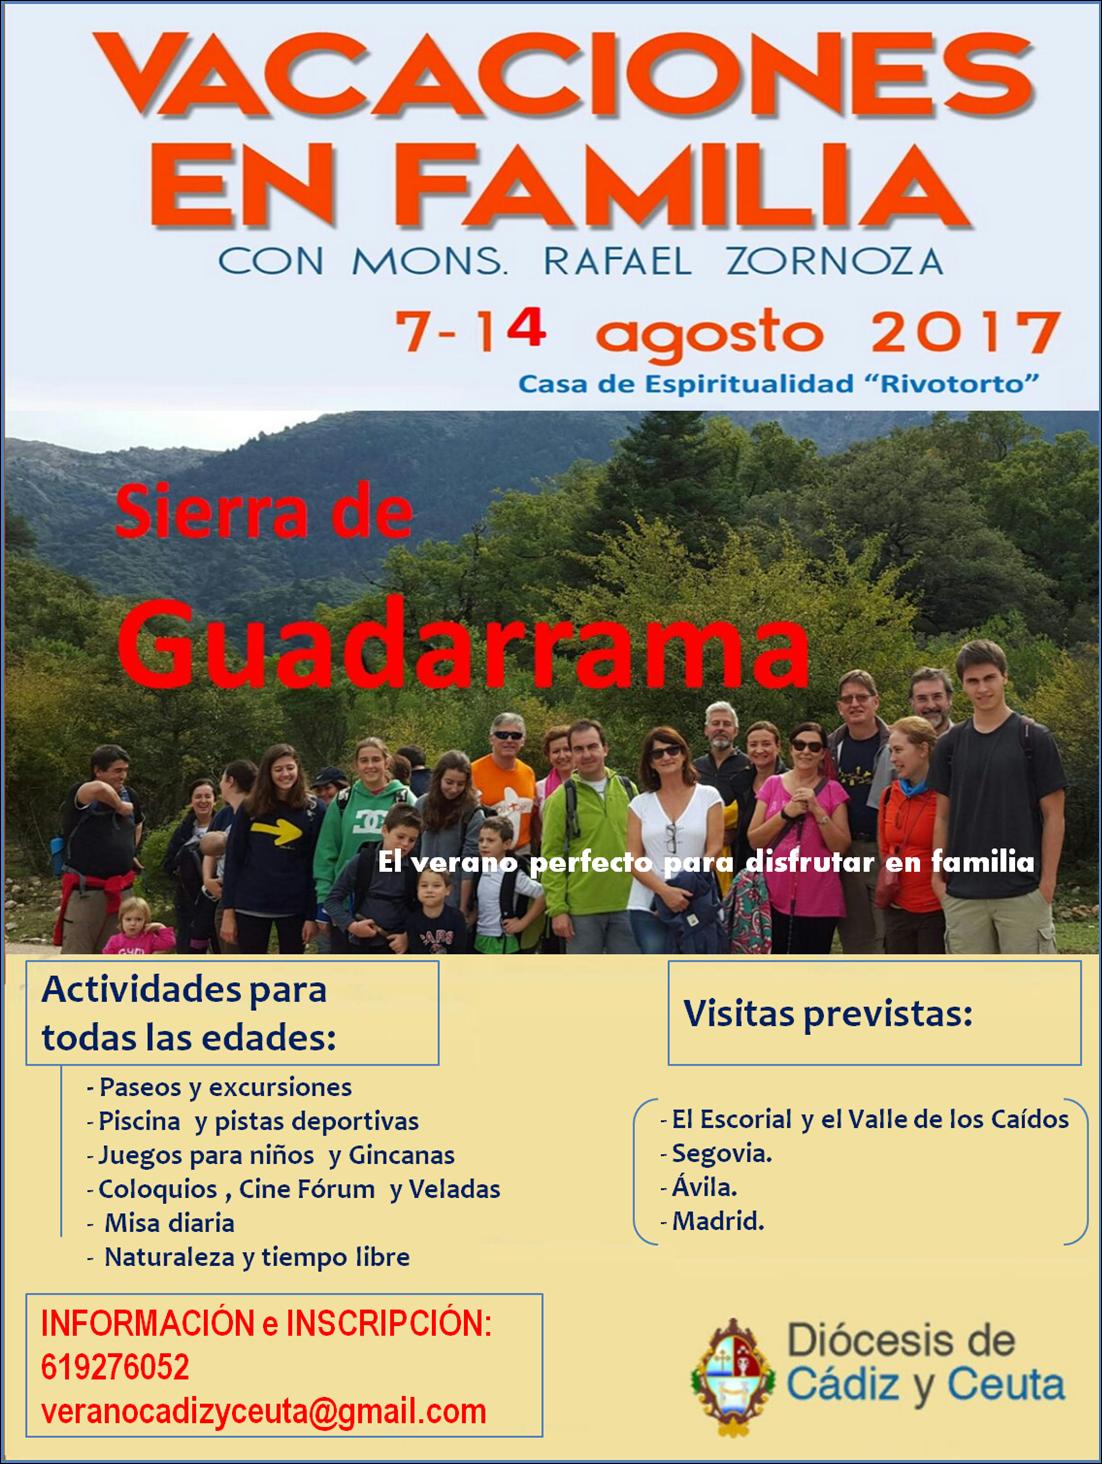 VACACIONES VERANO 2017